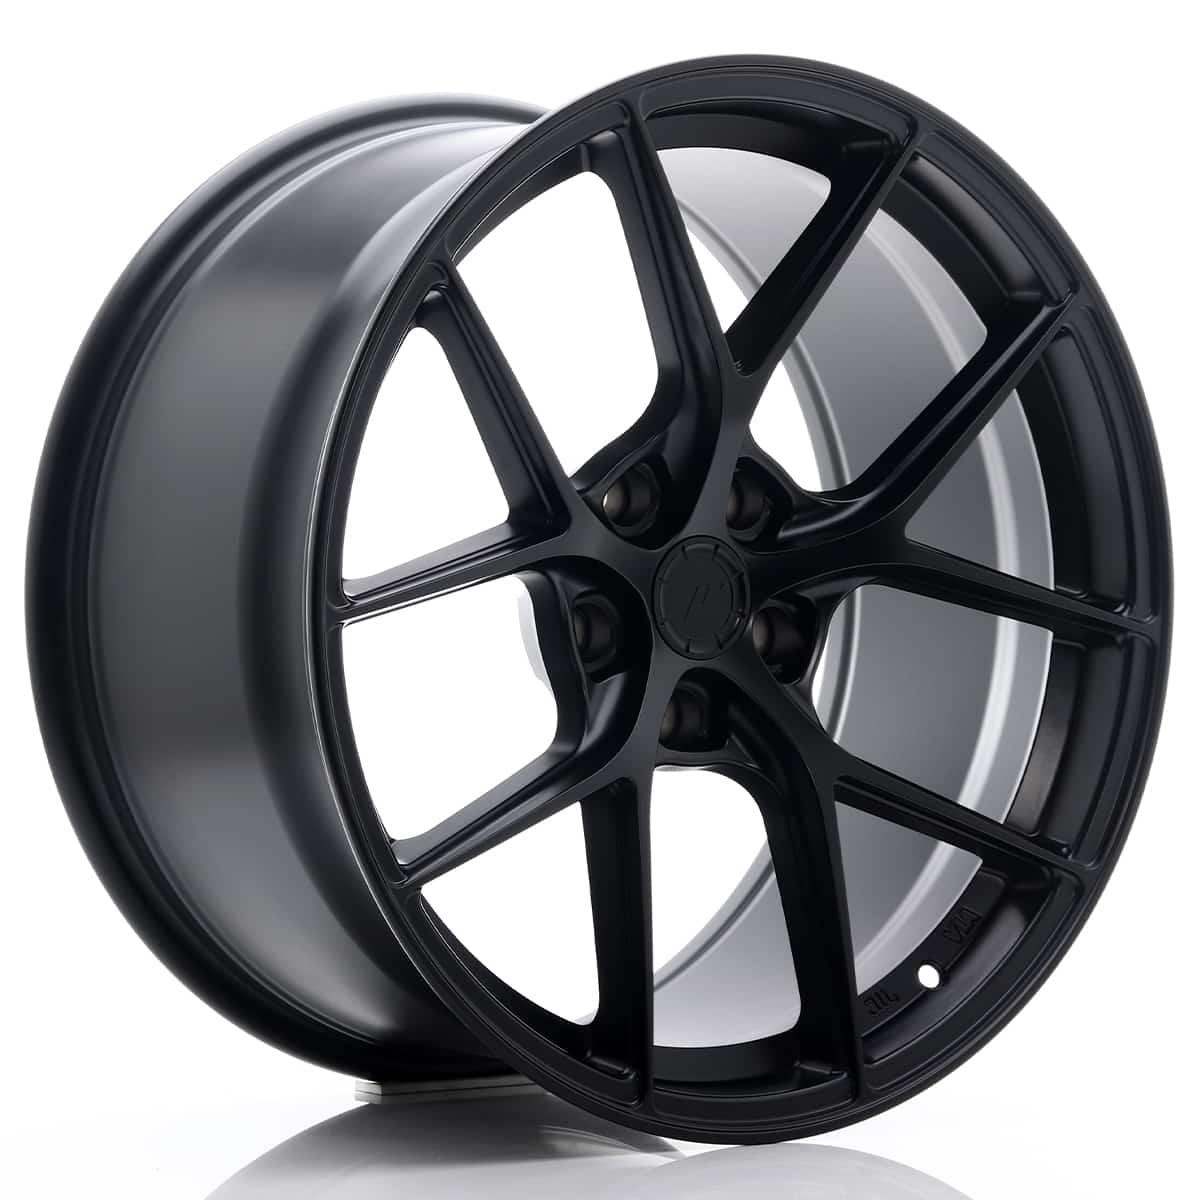 JR Wheels SL01 19x9, 5 ET40 5x120 Matt Black